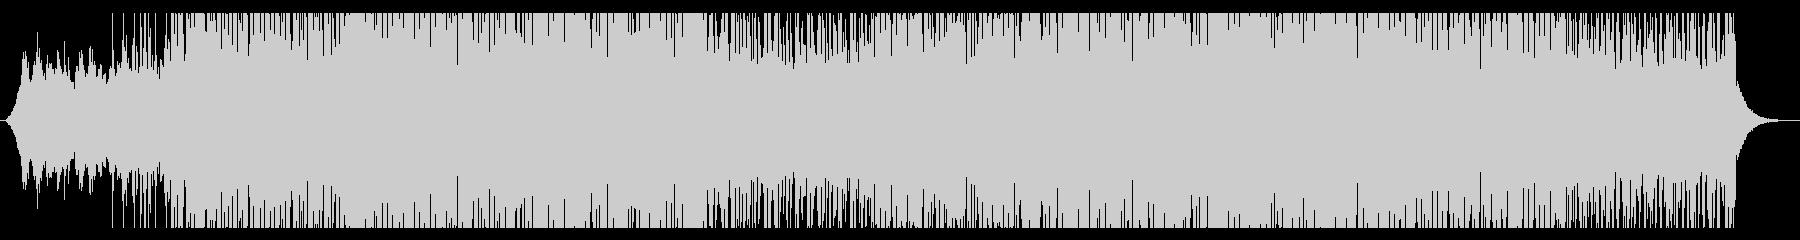 サニーサマーの未再生の波形